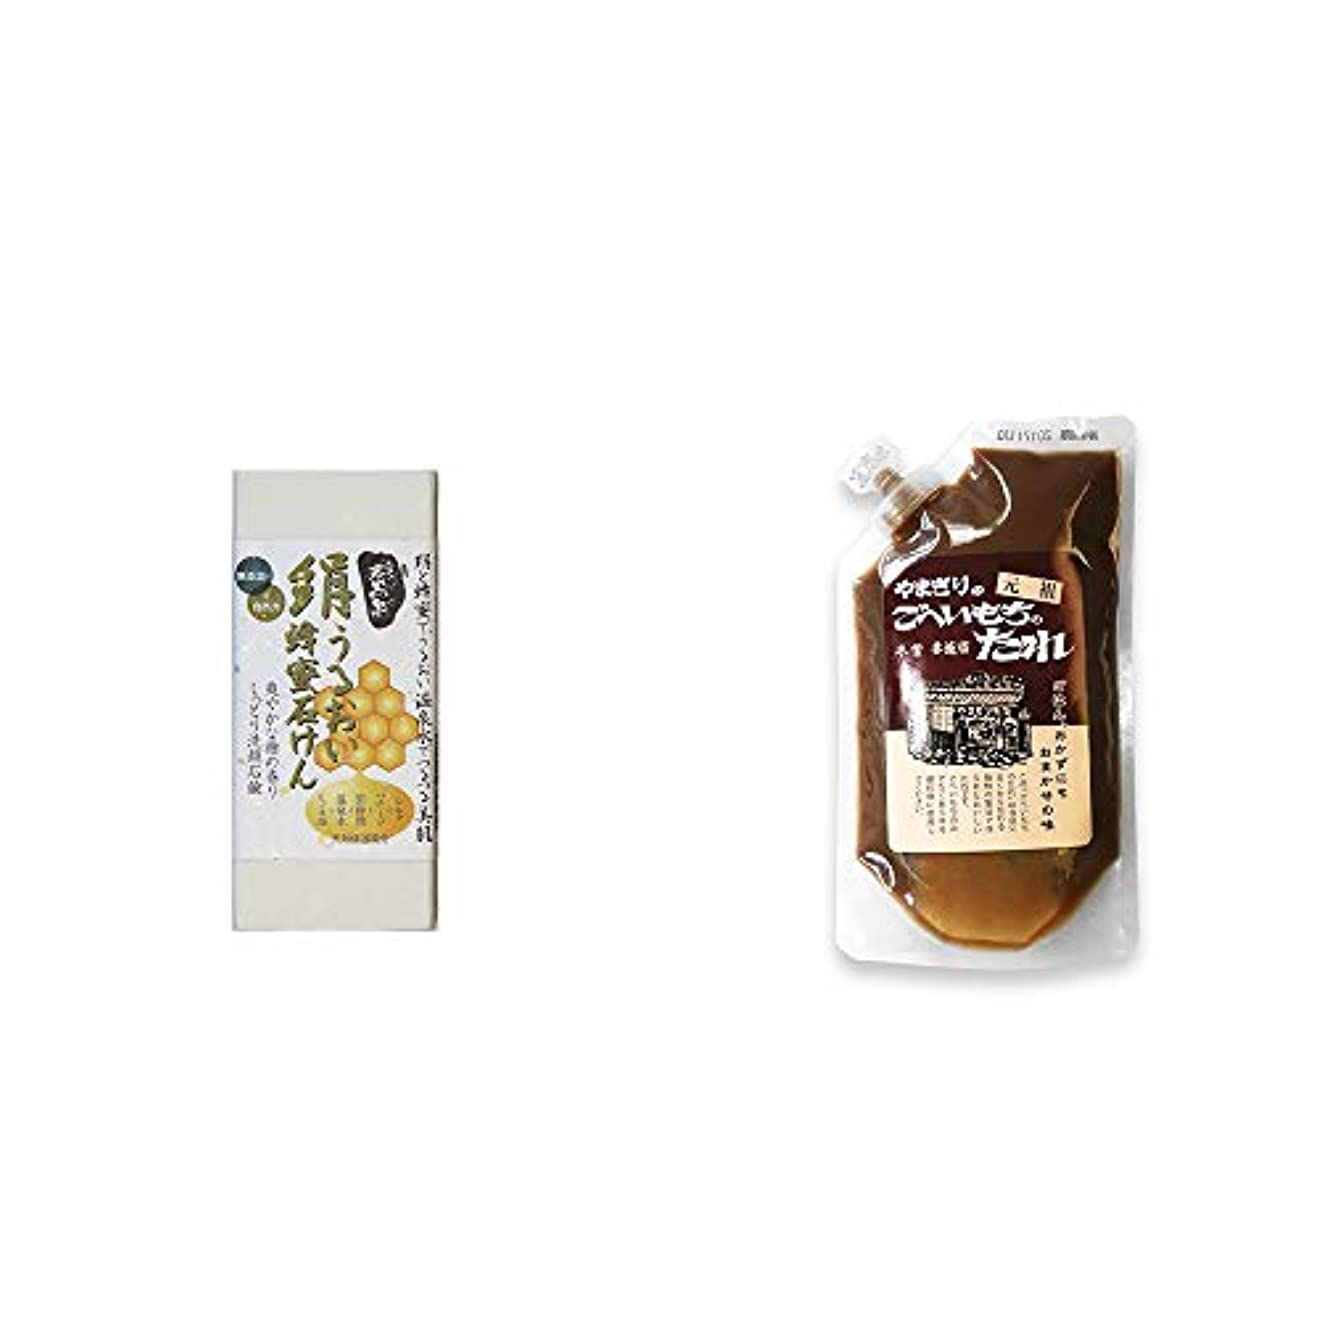 続編束微視的[2点セット] ひのき炭黒泉 絹うるおい蜂蜜石けん(75g×2)?妻籠宿 やまぎり食堂 ごへい餅のたれ(250g)